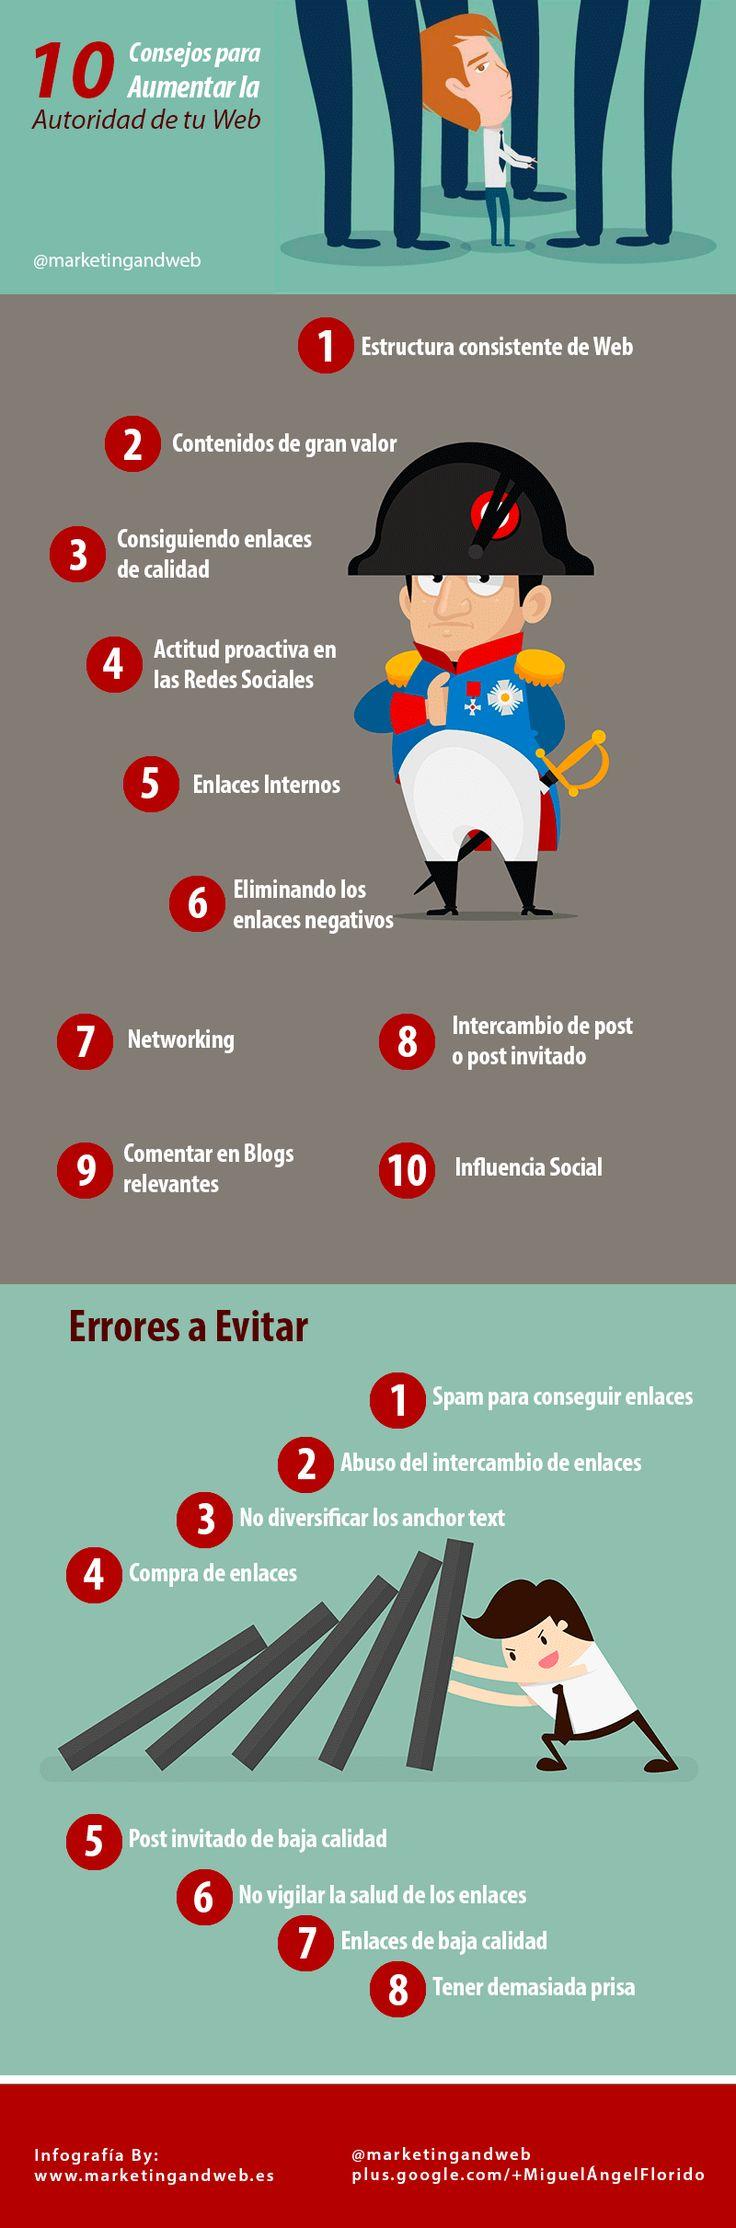 Hola: Una infografía con 10 consejos para aumentar la autoridad de una web #SEO. Vía Un saludo